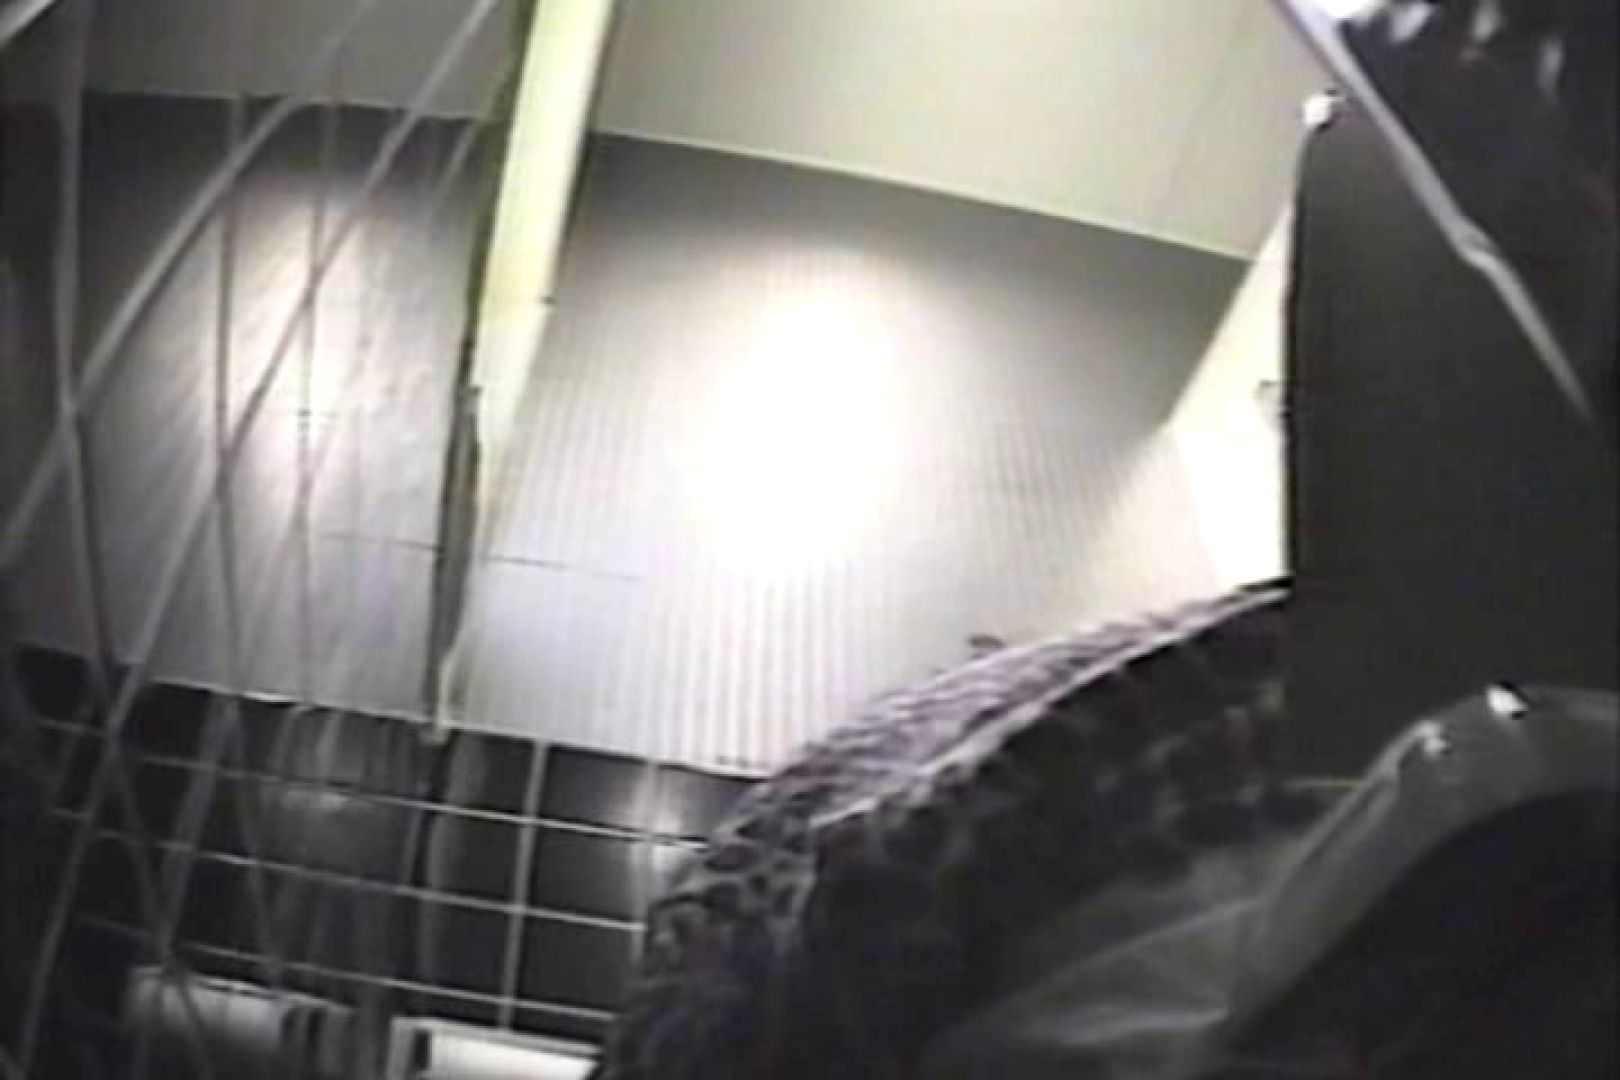 盗撮 女子洗面所3ヶ所入ってしゃがんで音出して 洗面所 オマンコ無修正動画無料 109連発 35